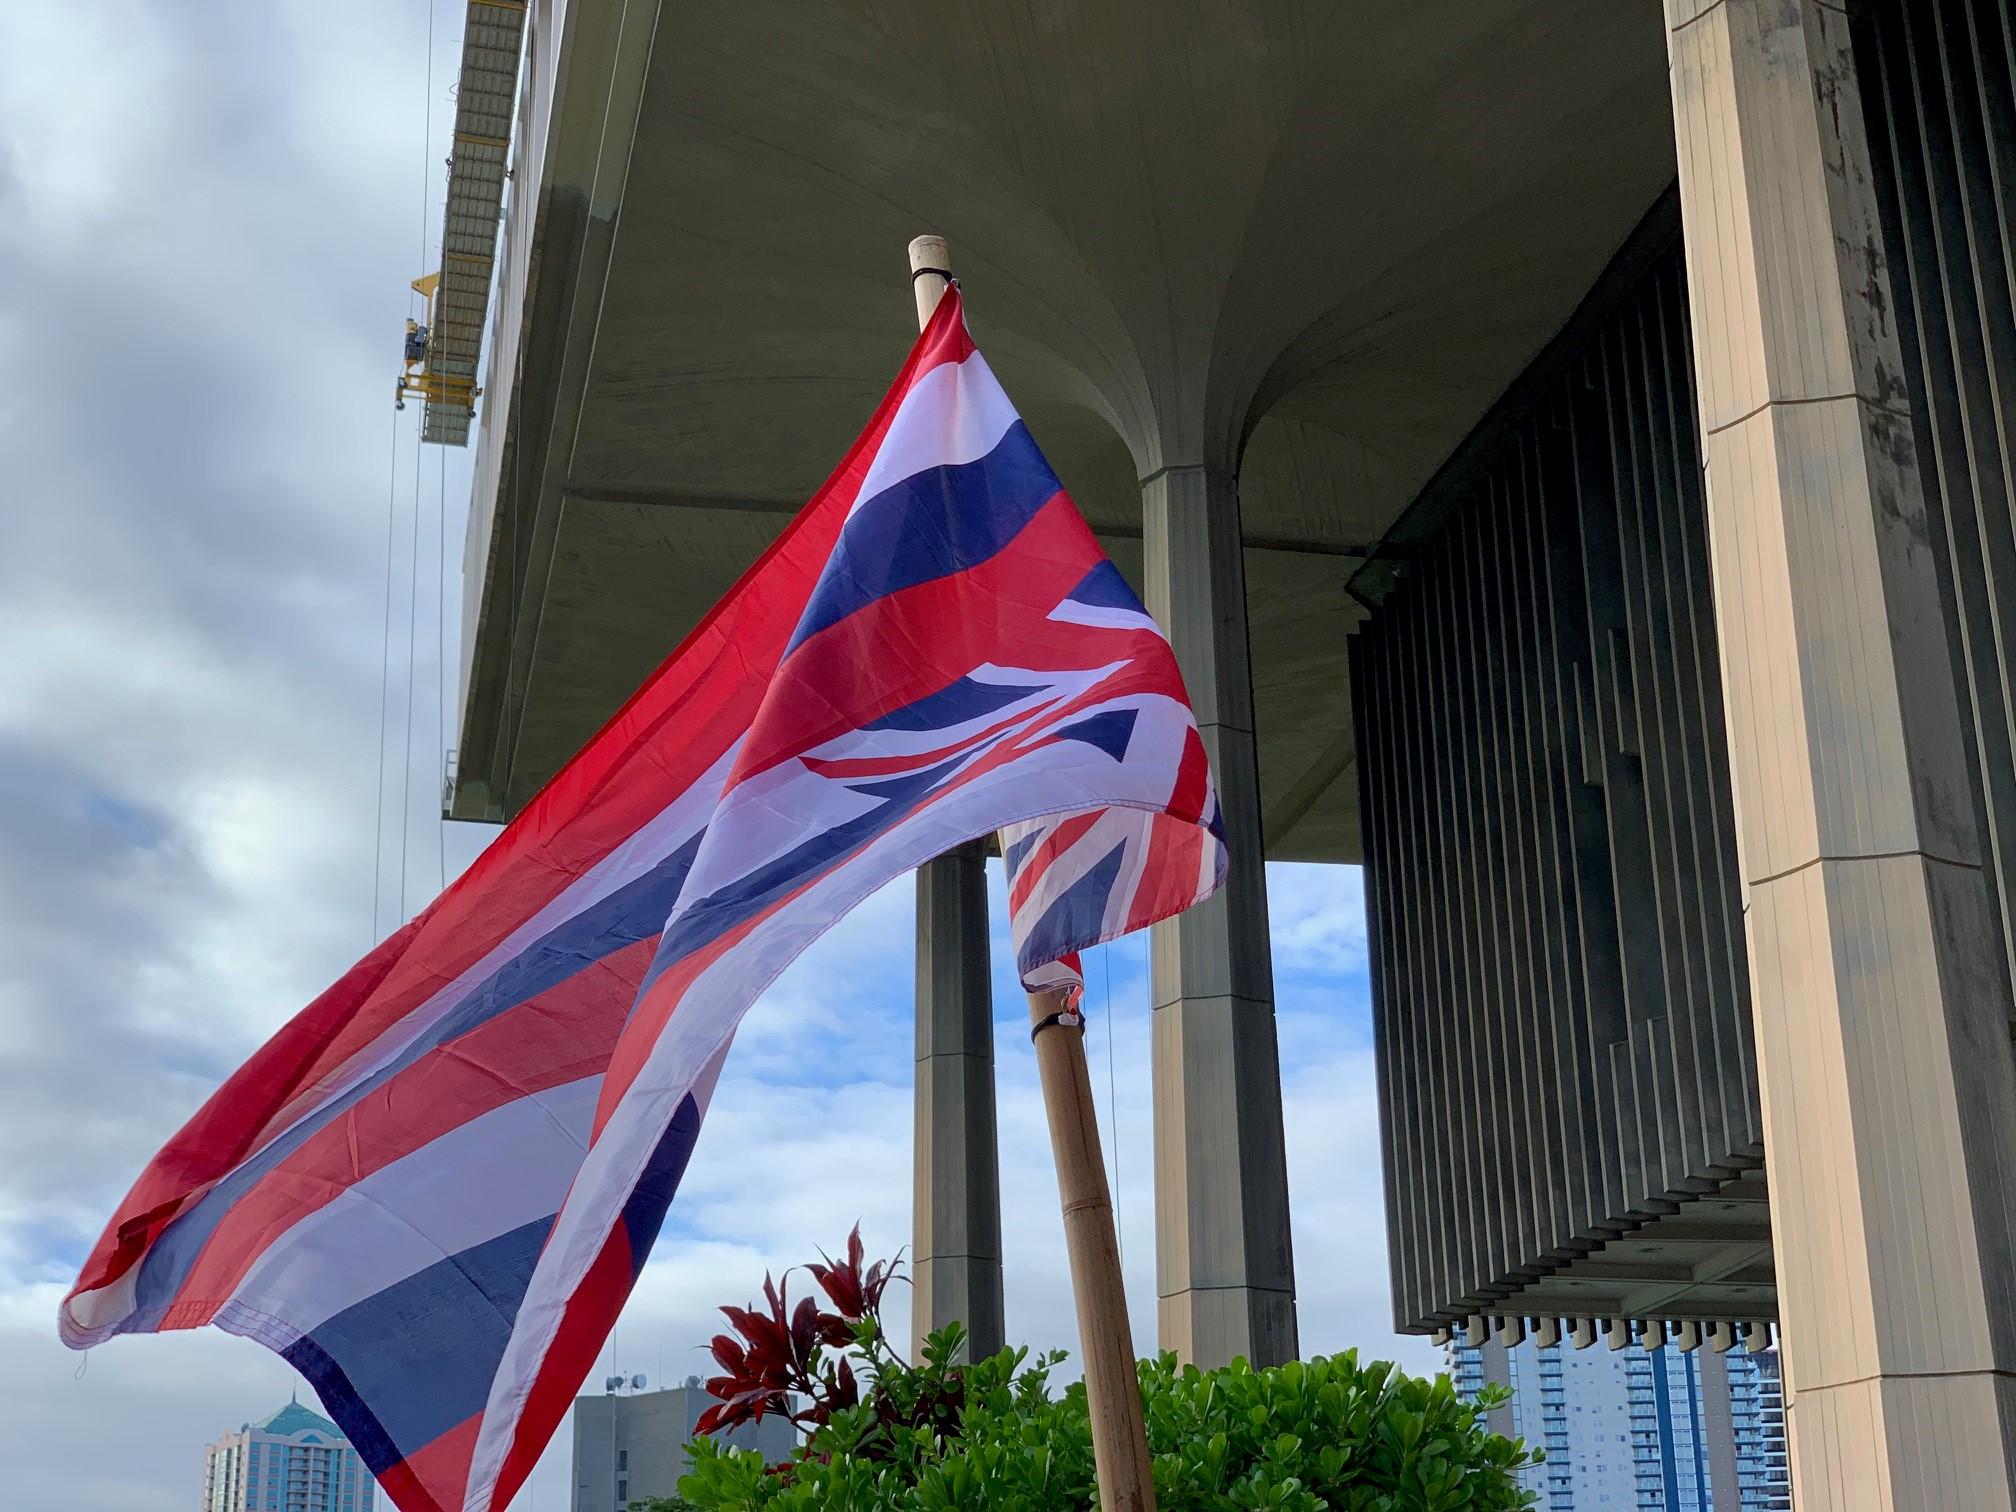 HawaiiFlag.jpg